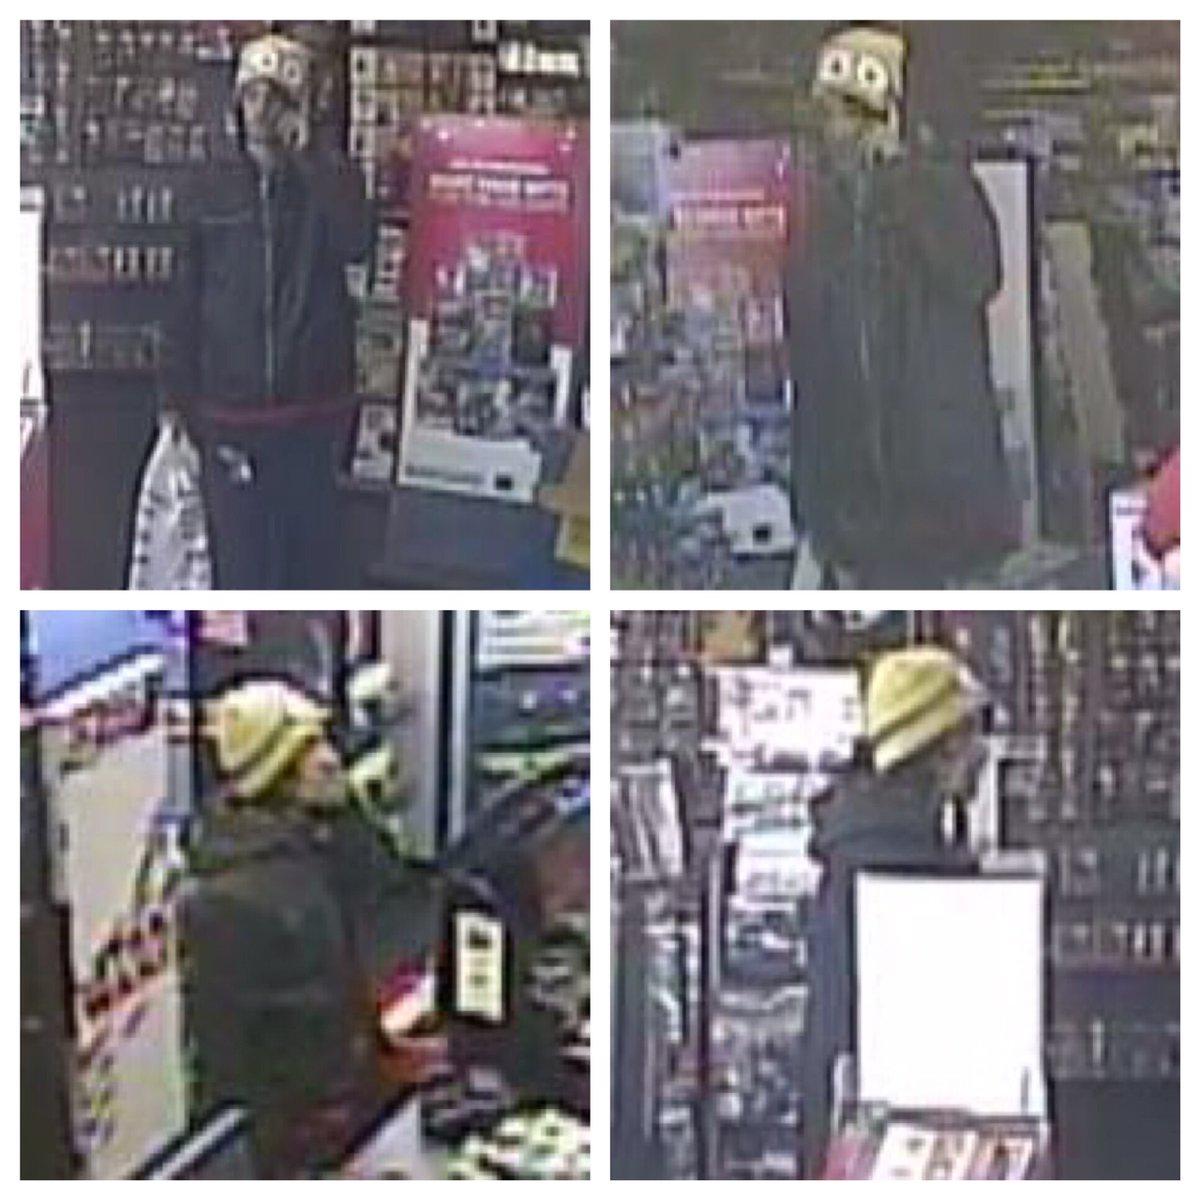 hoover wanted suspect_0119_1516380284733.jpg.jpg